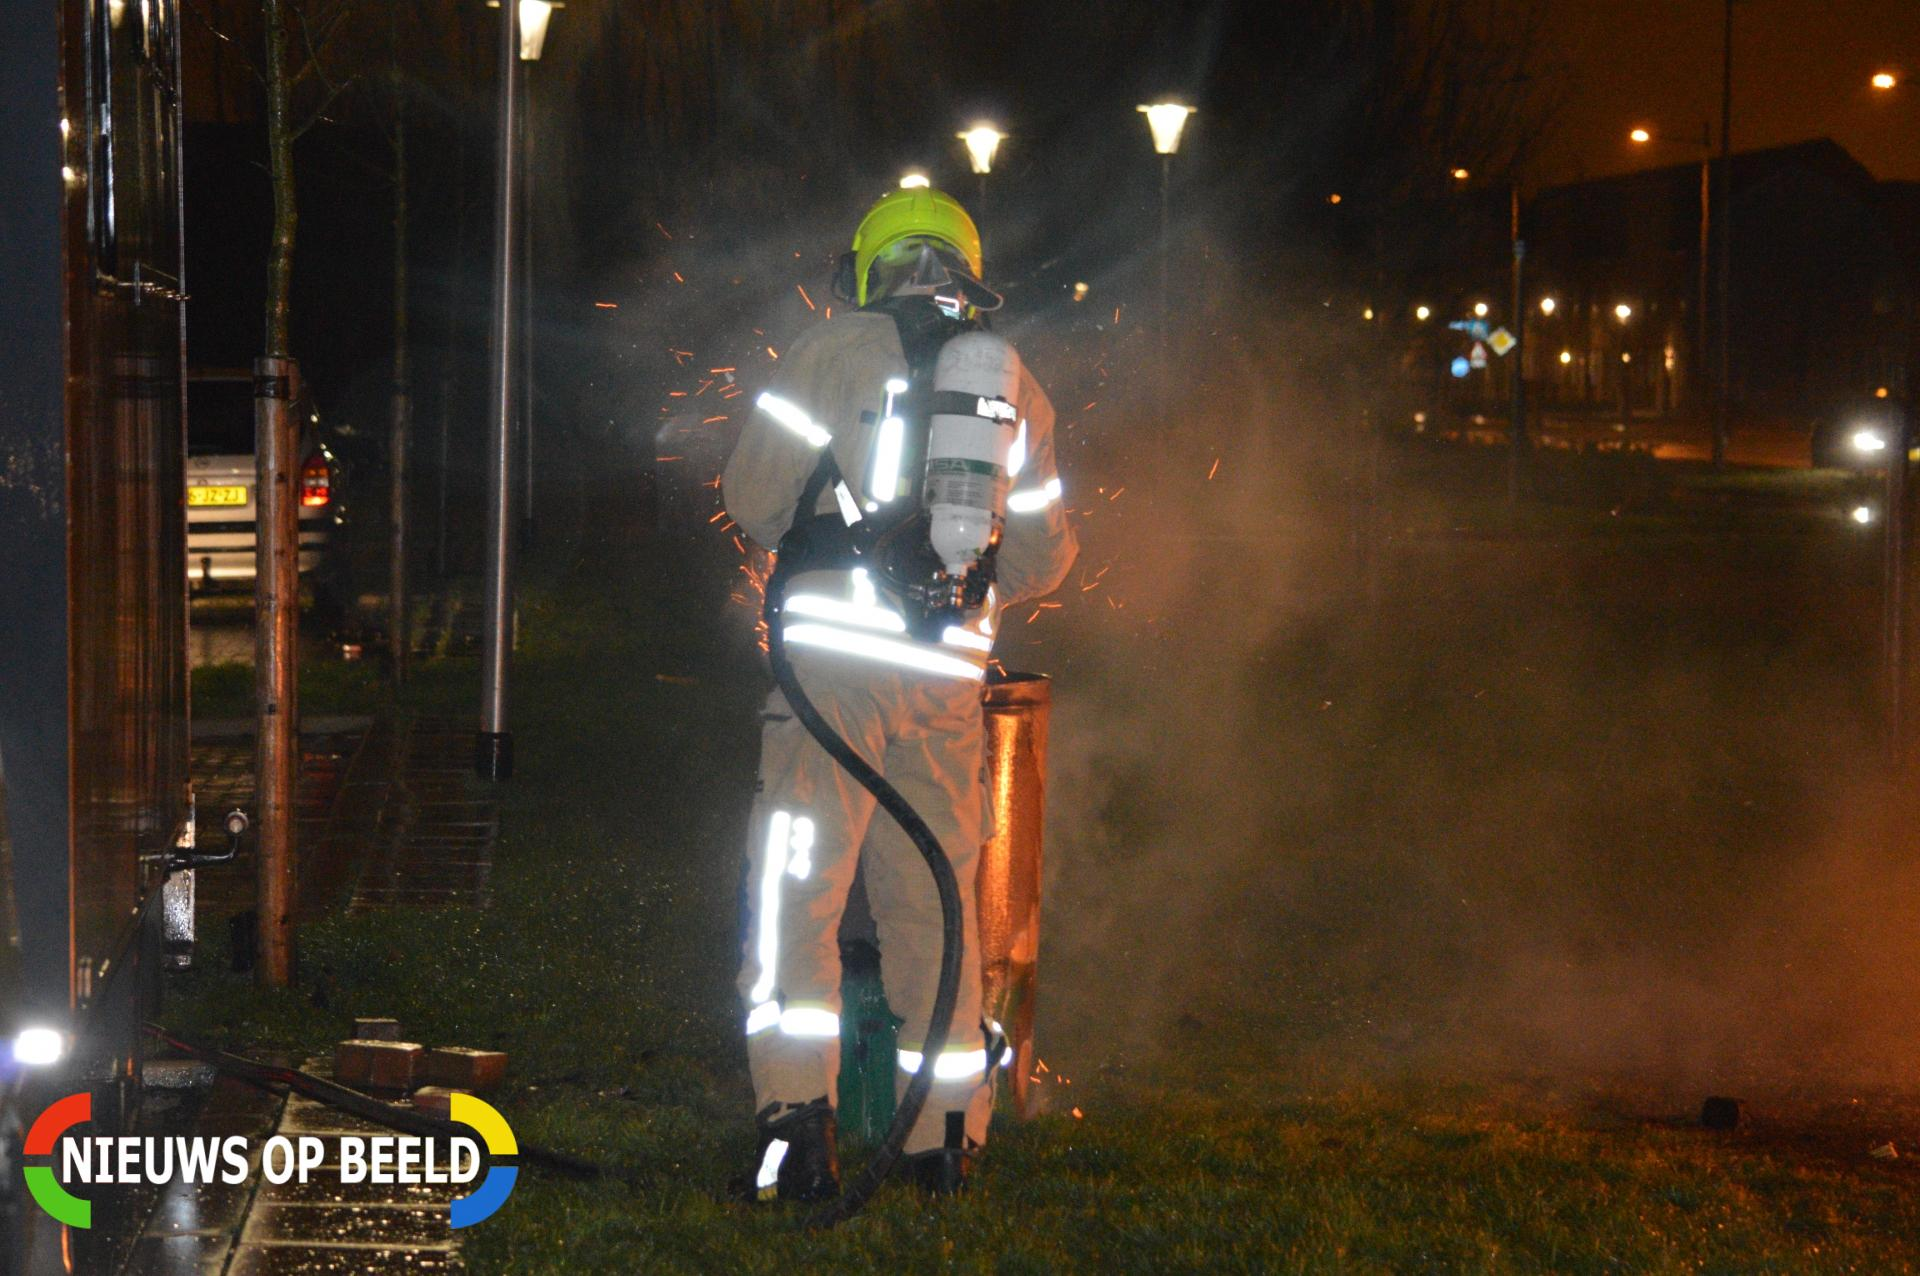 Brandweer blust buitenbrand Oostmeerlaan Berkel en Rodenrijs